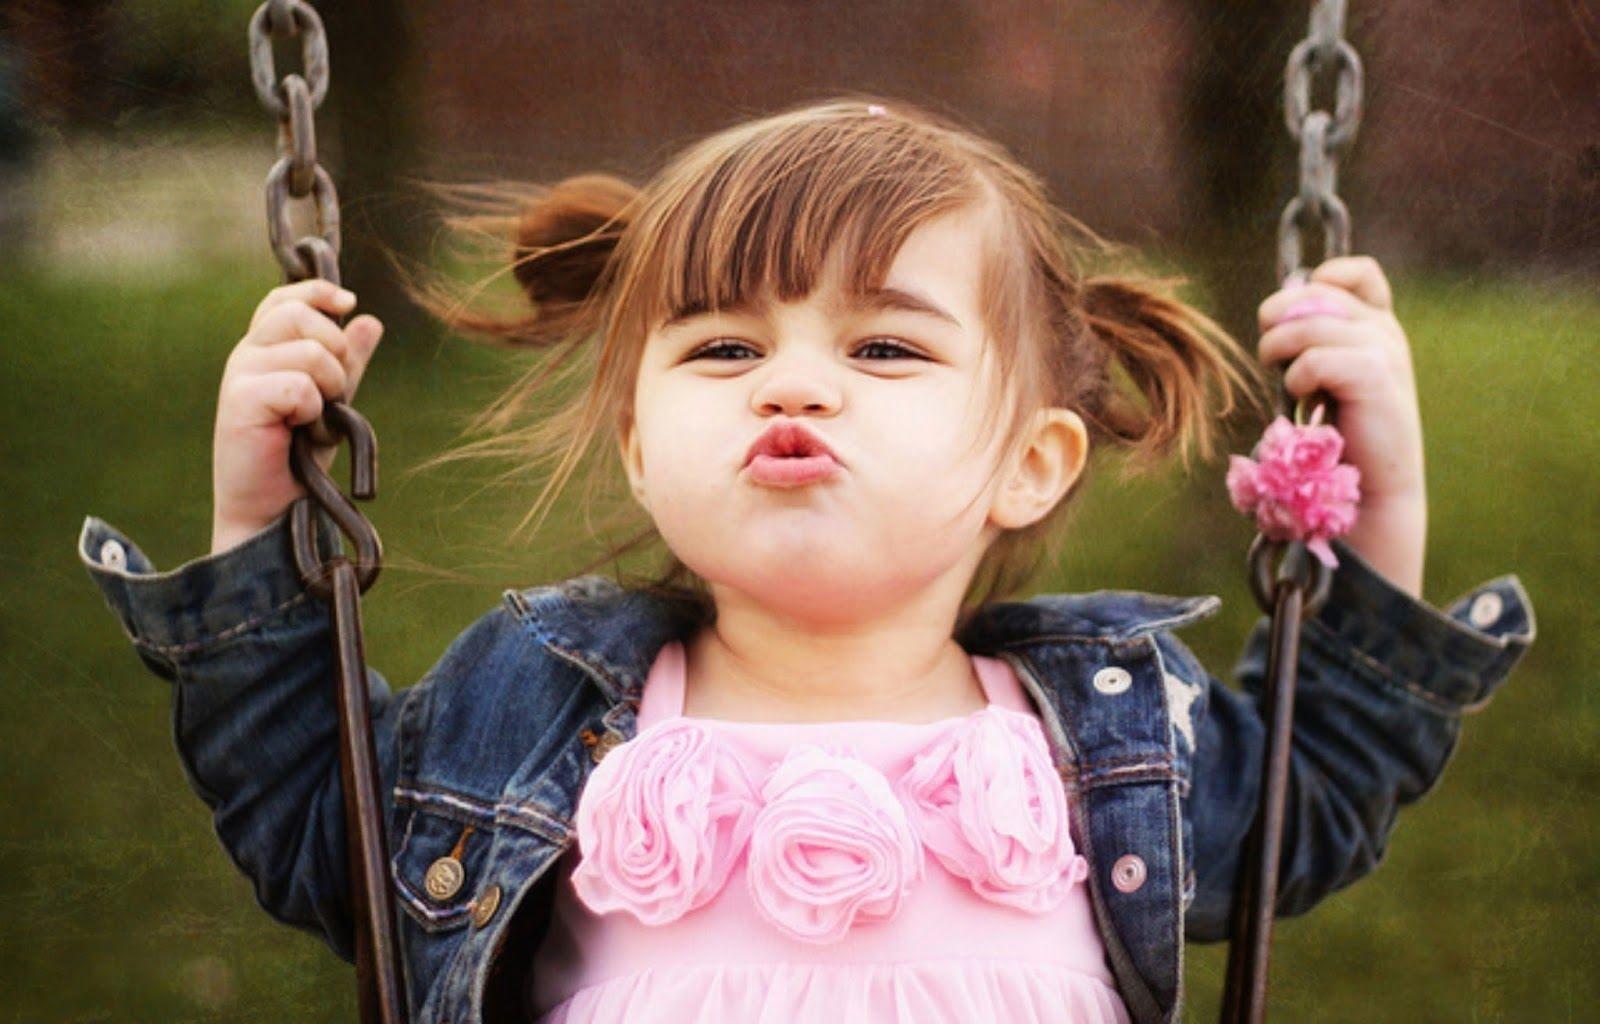 Cute Baby Whatsapp Dp Whatsapp Status Baby Girl Pictures Cute Baby Girl Wallpaper Cute Baby Girl